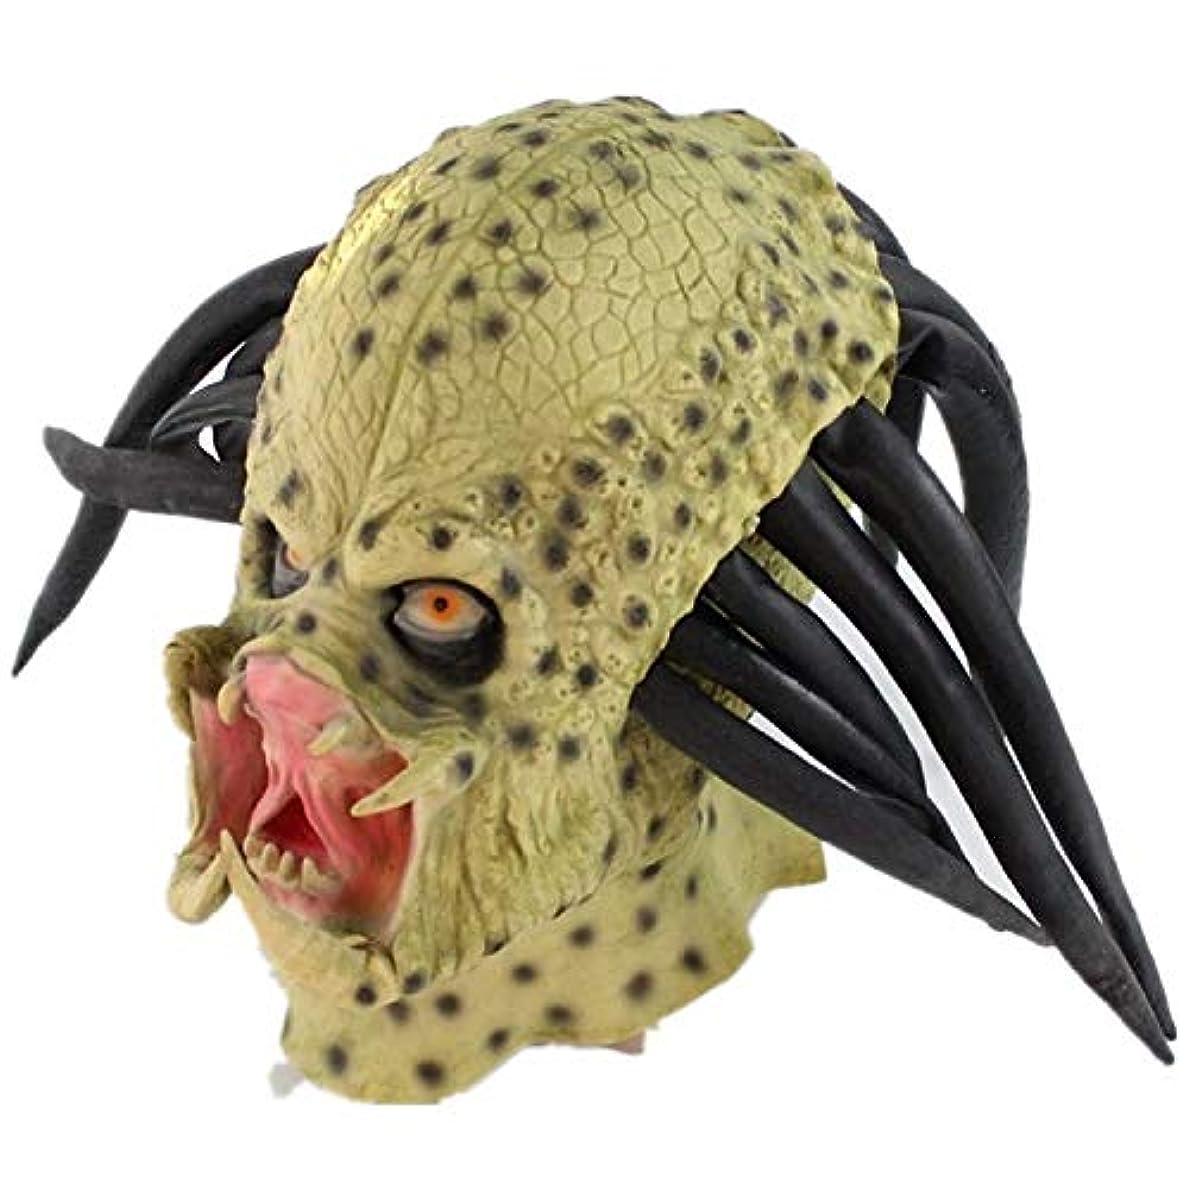 元気な背が高い定期的なVSプレデターエイリアンプレデターはラテックス帽子ホラーハロウィーンマスクマスクマスク